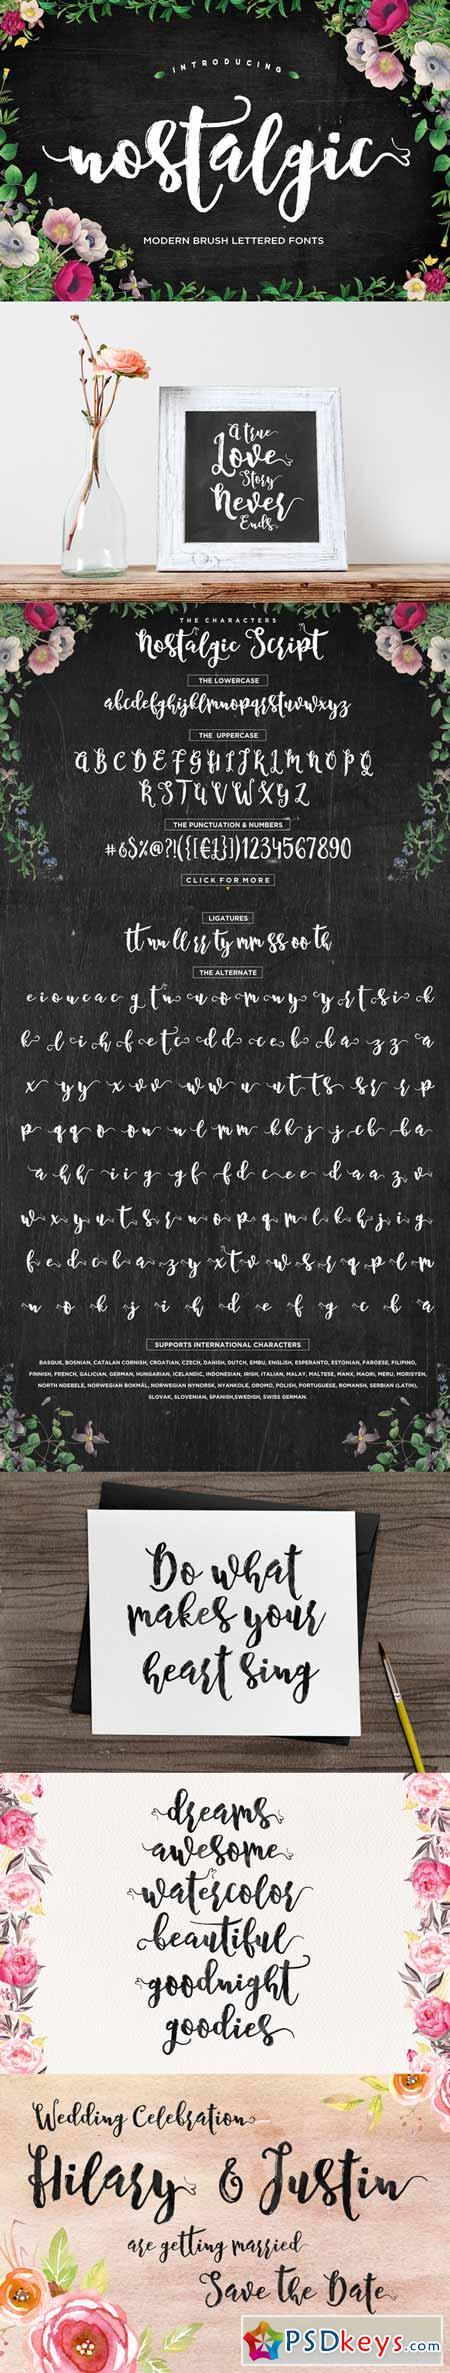 Nostalgic Script 581023